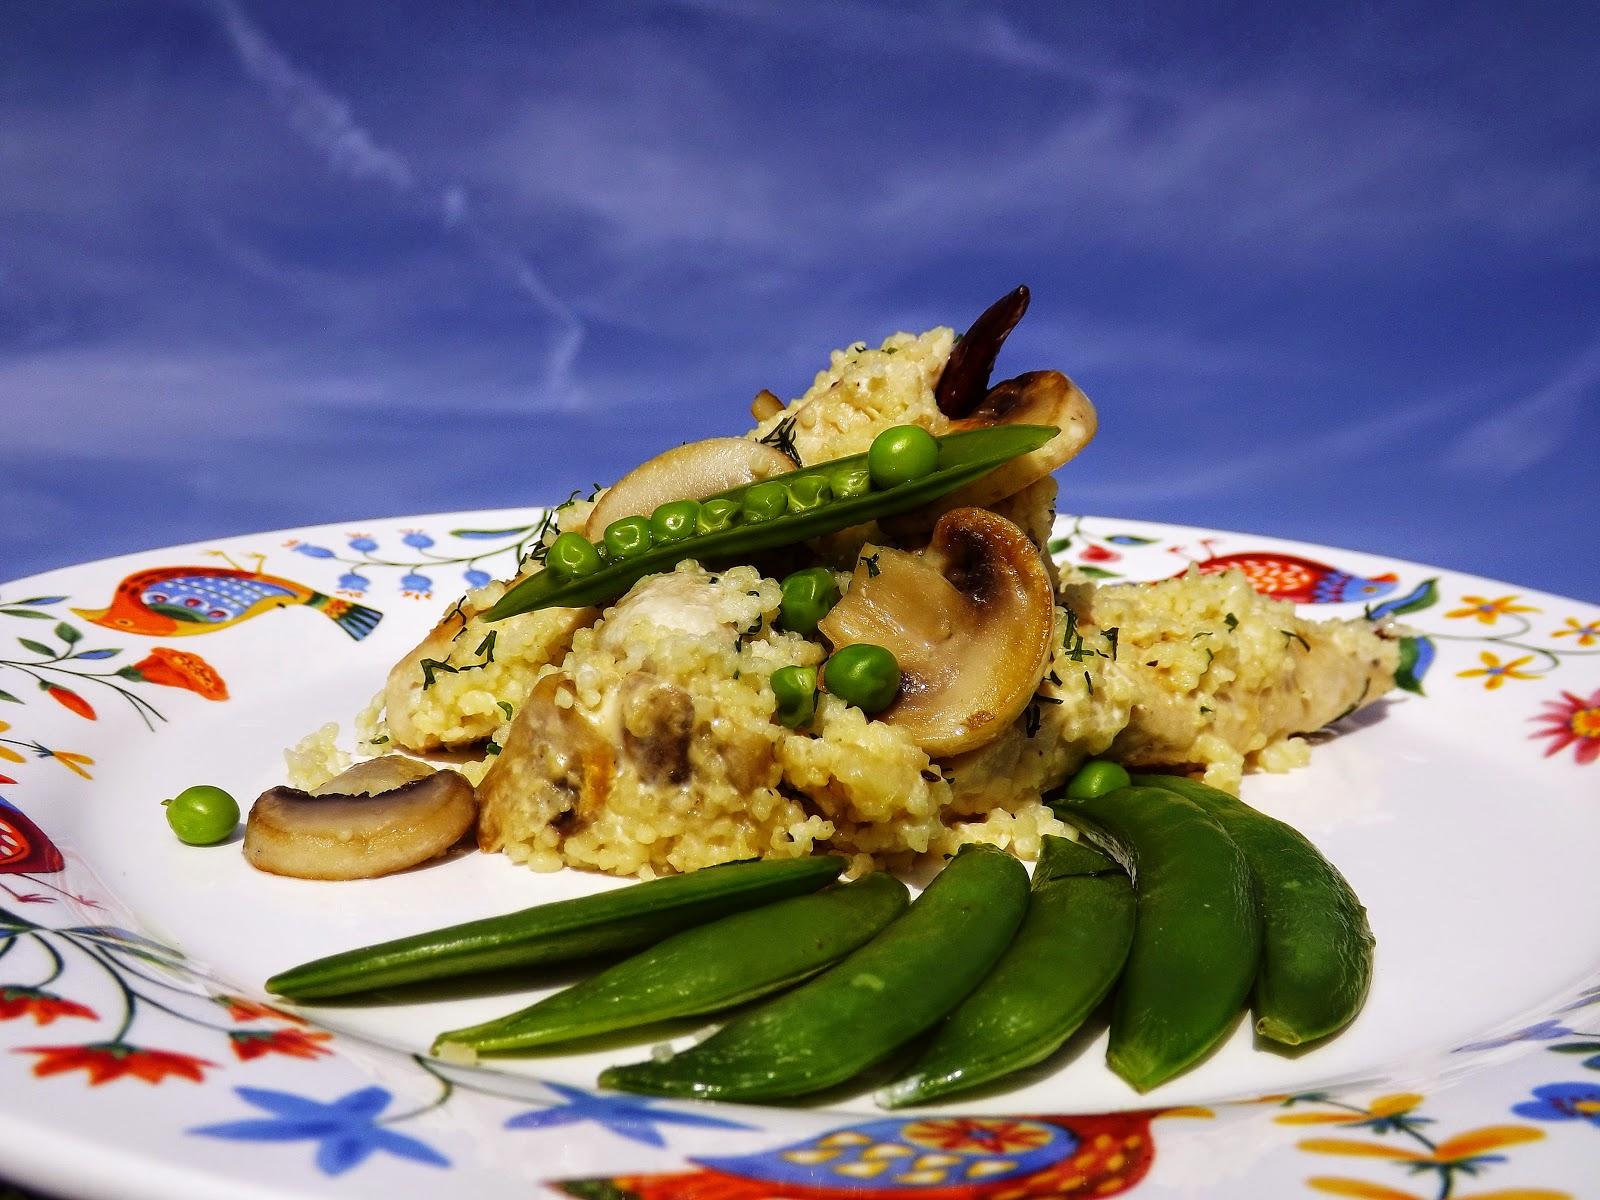 Pikantne polędwiczki z kurczaka z pieczarkami w panierce serowo – kuskusowej